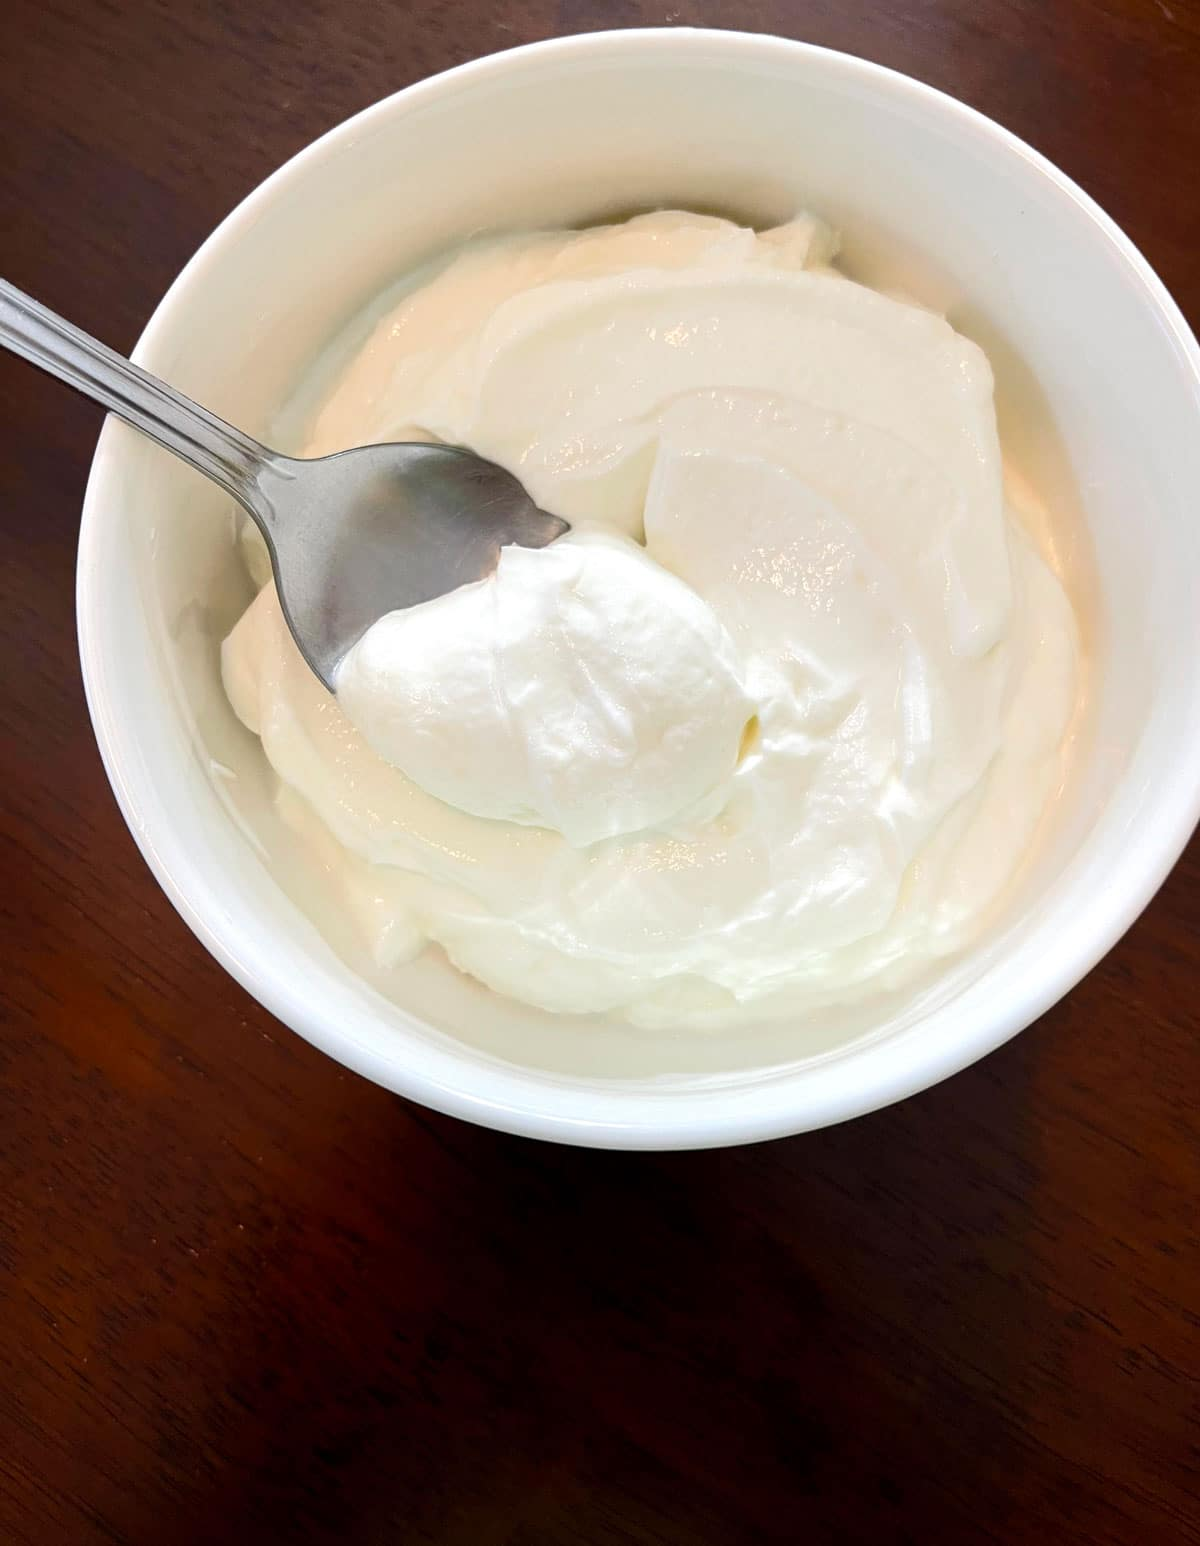 greek yogurt substitute for sour cream